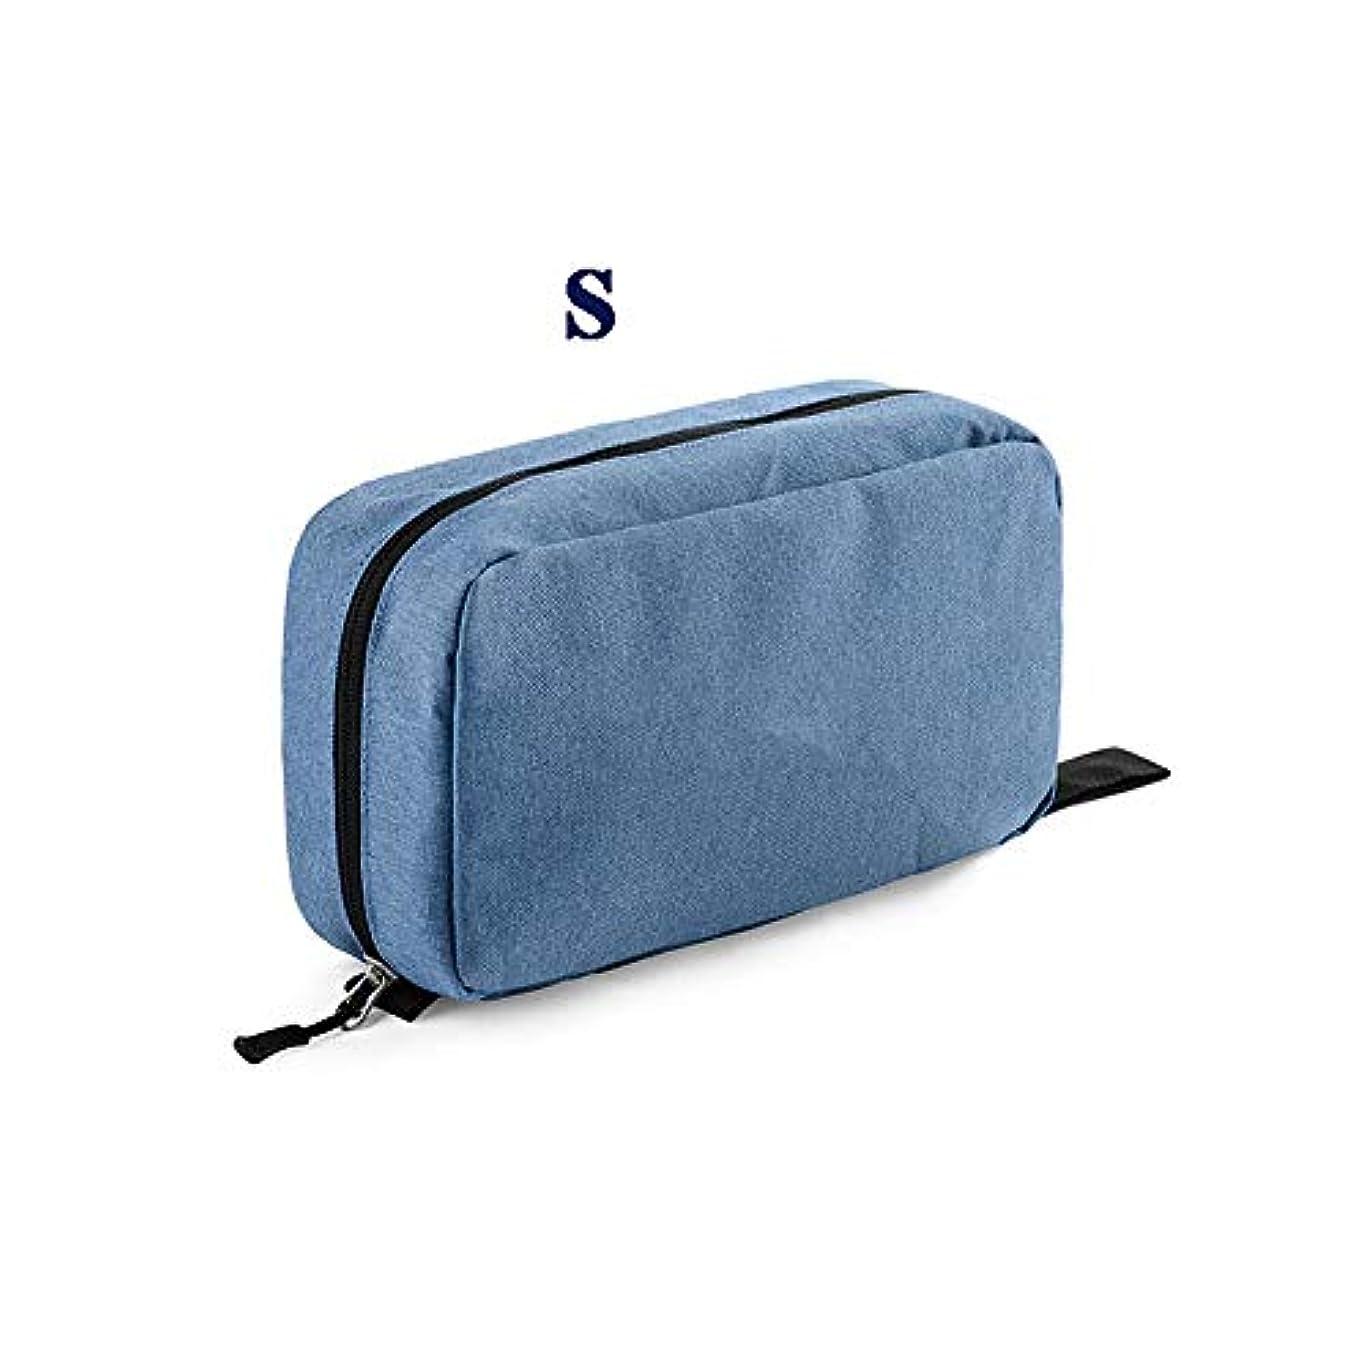 加入不変ブレーク化粧オーガナイザーバッグ ポータブルジッパー収納バッグ用化粧品化粧ブラシプロの旅行化粧バッグ旅行アクセサリー大容量防水ウォッシュバッグ 化粧品ケース (色 : 青, サイズ : S)